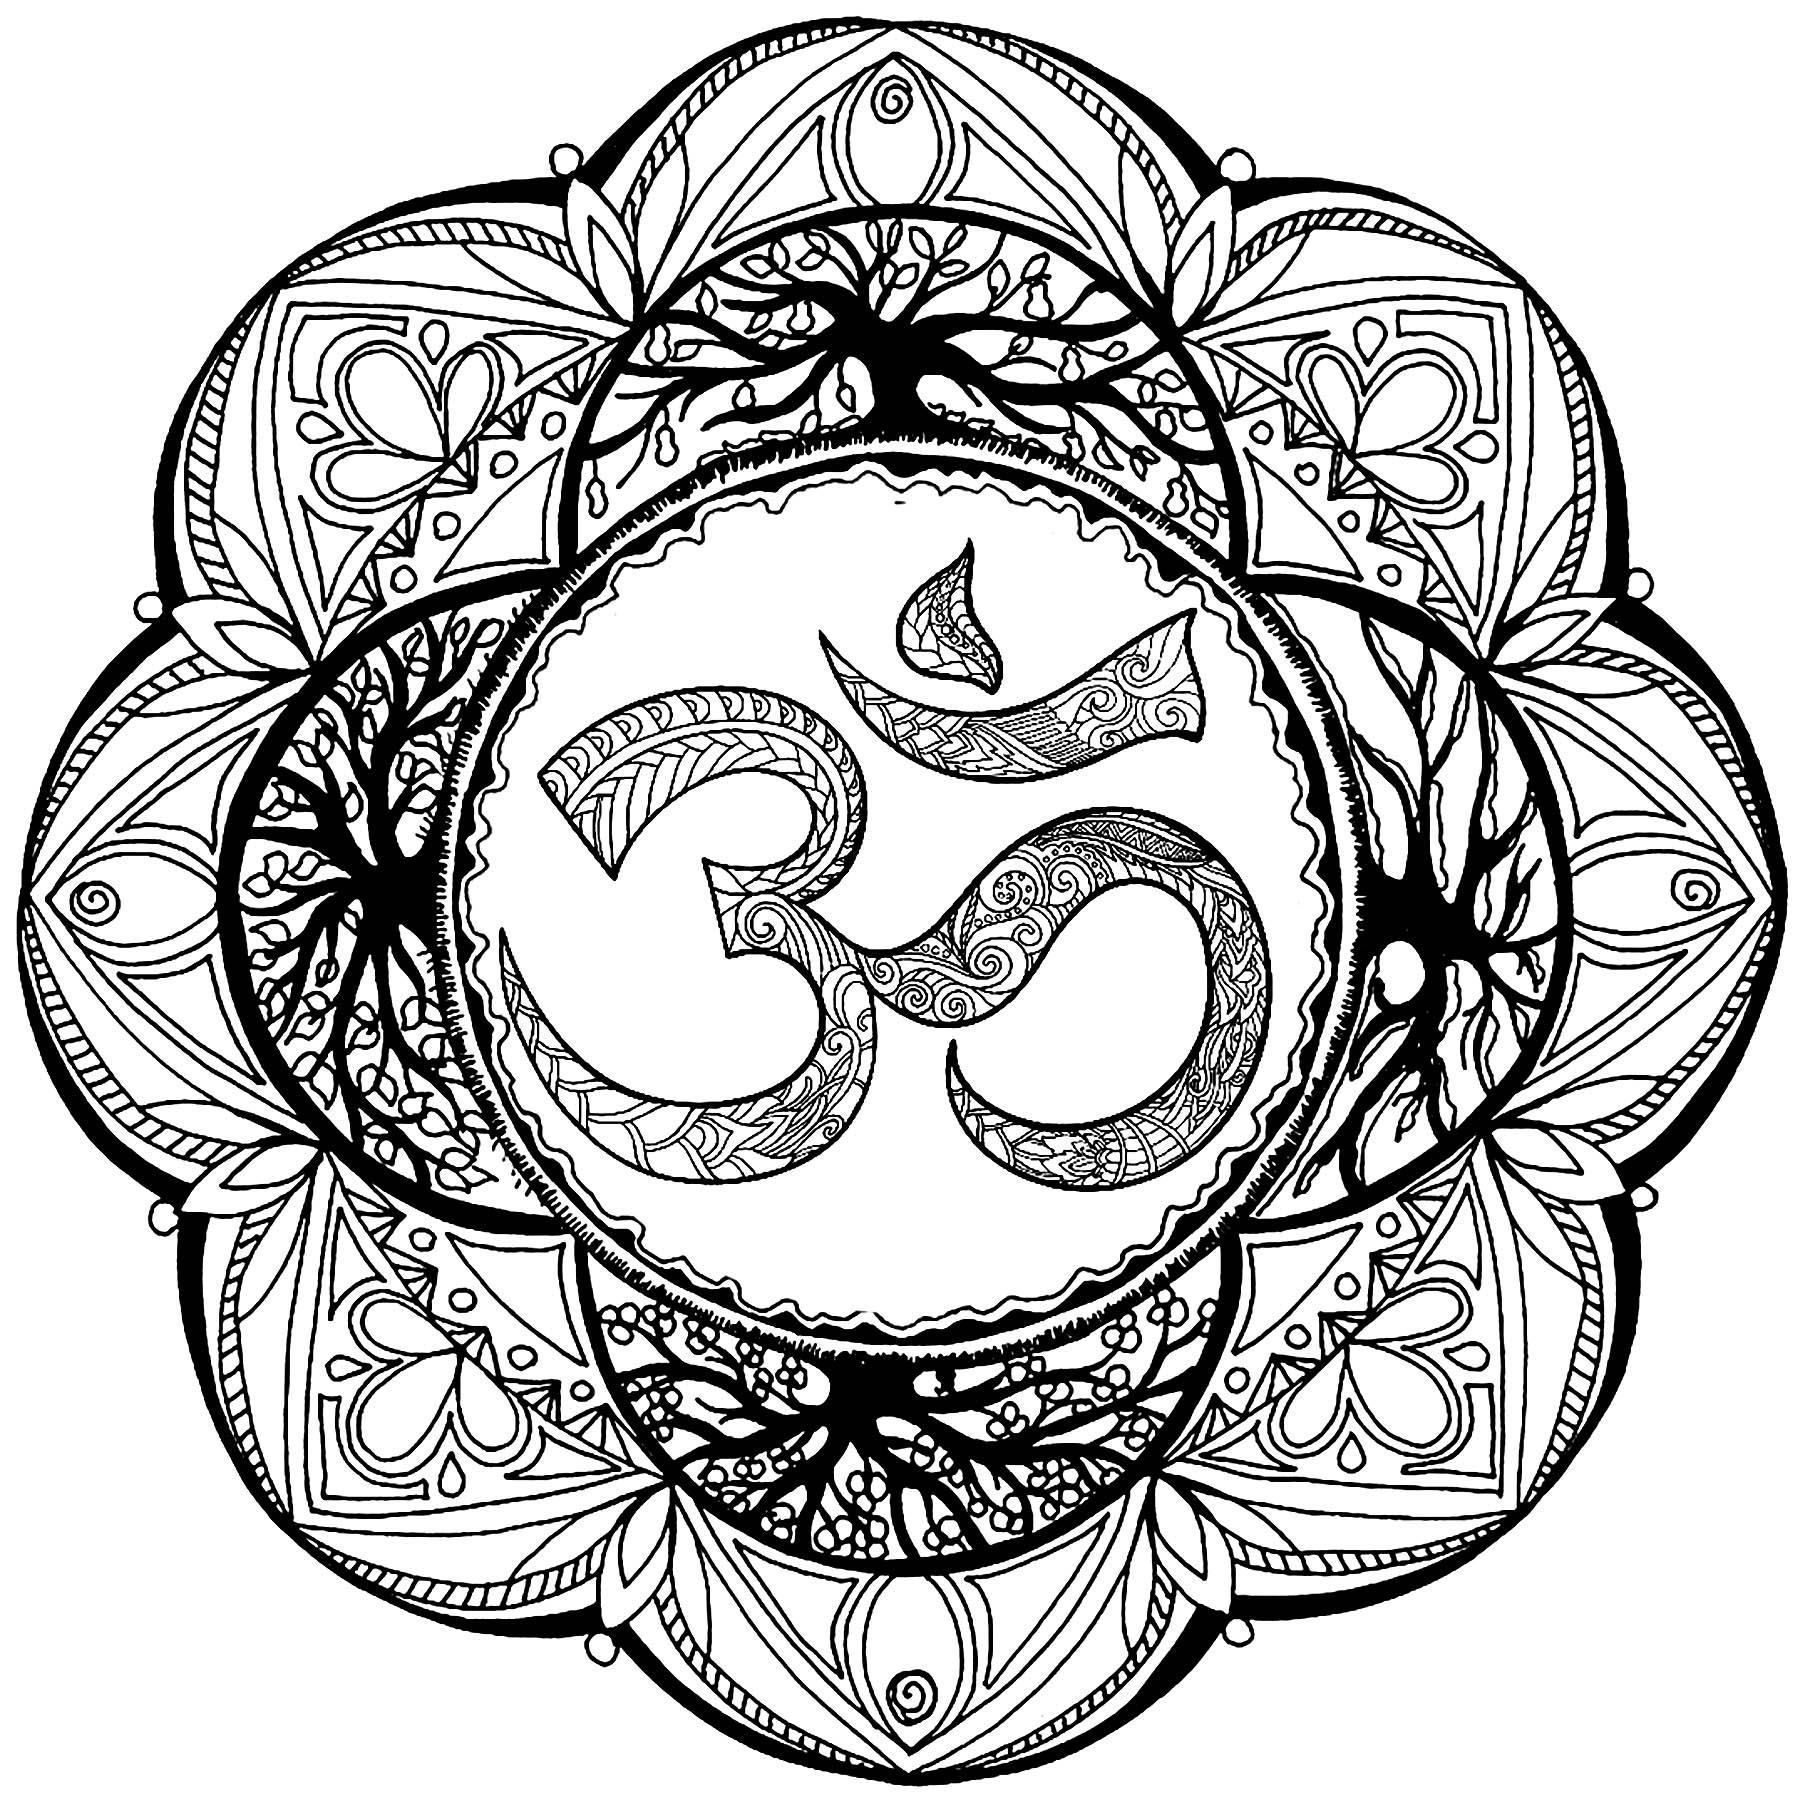 Mandala complexe avec symbole Om - Mandalas - Coloriages ...